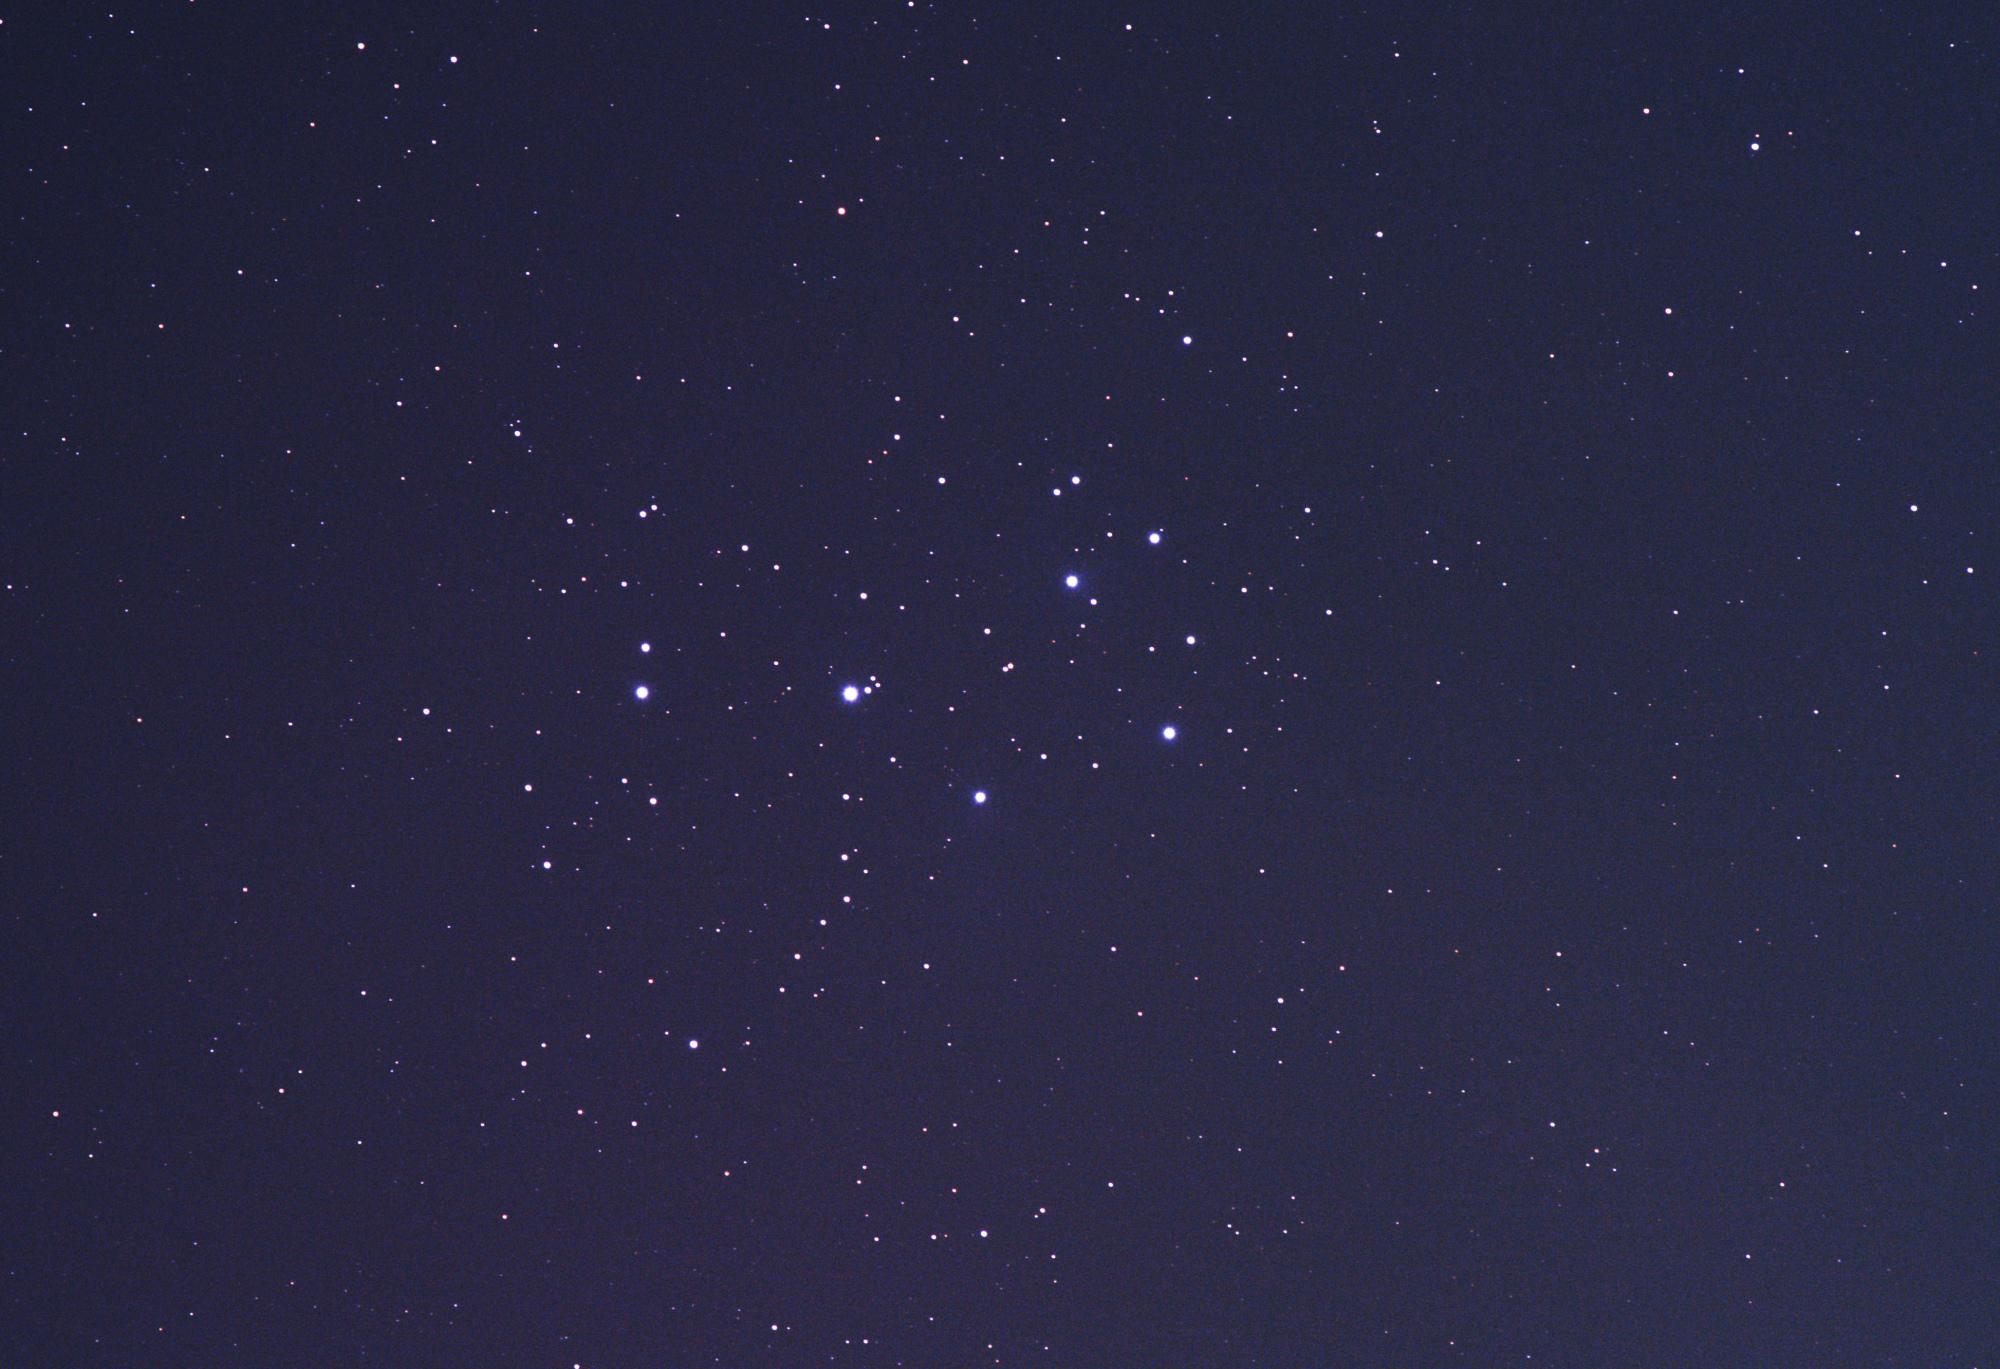 Pleiades 180 x 1 sec 16000 ISO F7 V1.jpg